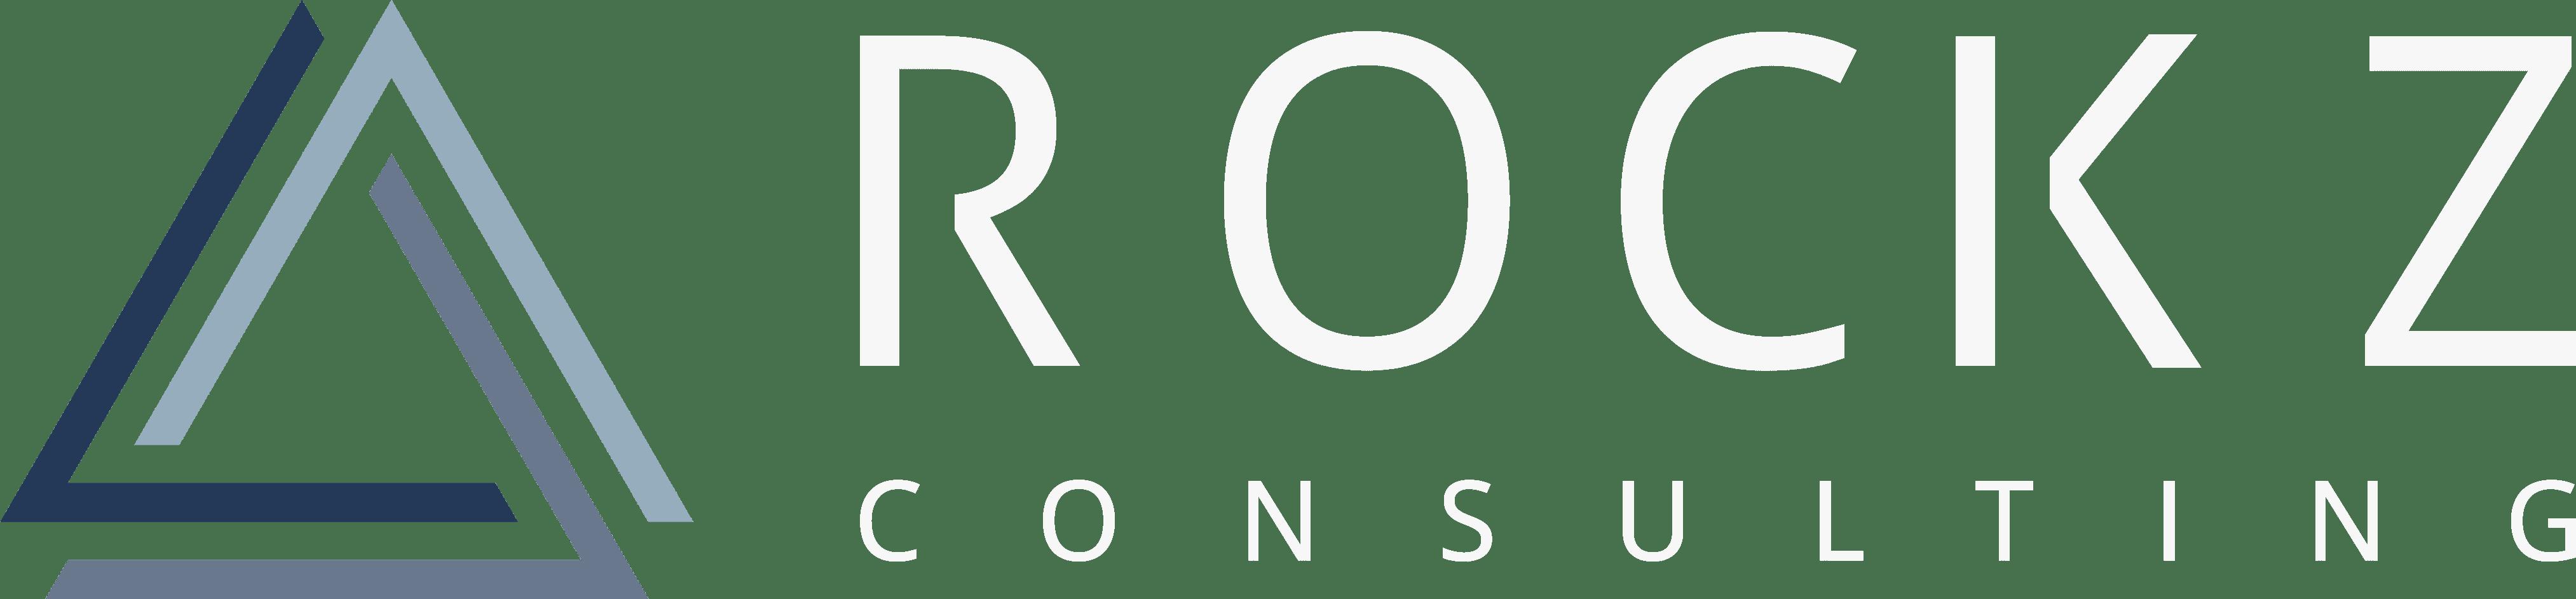 ROCKZ Consulting - Logo - Farbiges Symbol und schwarze Schrift